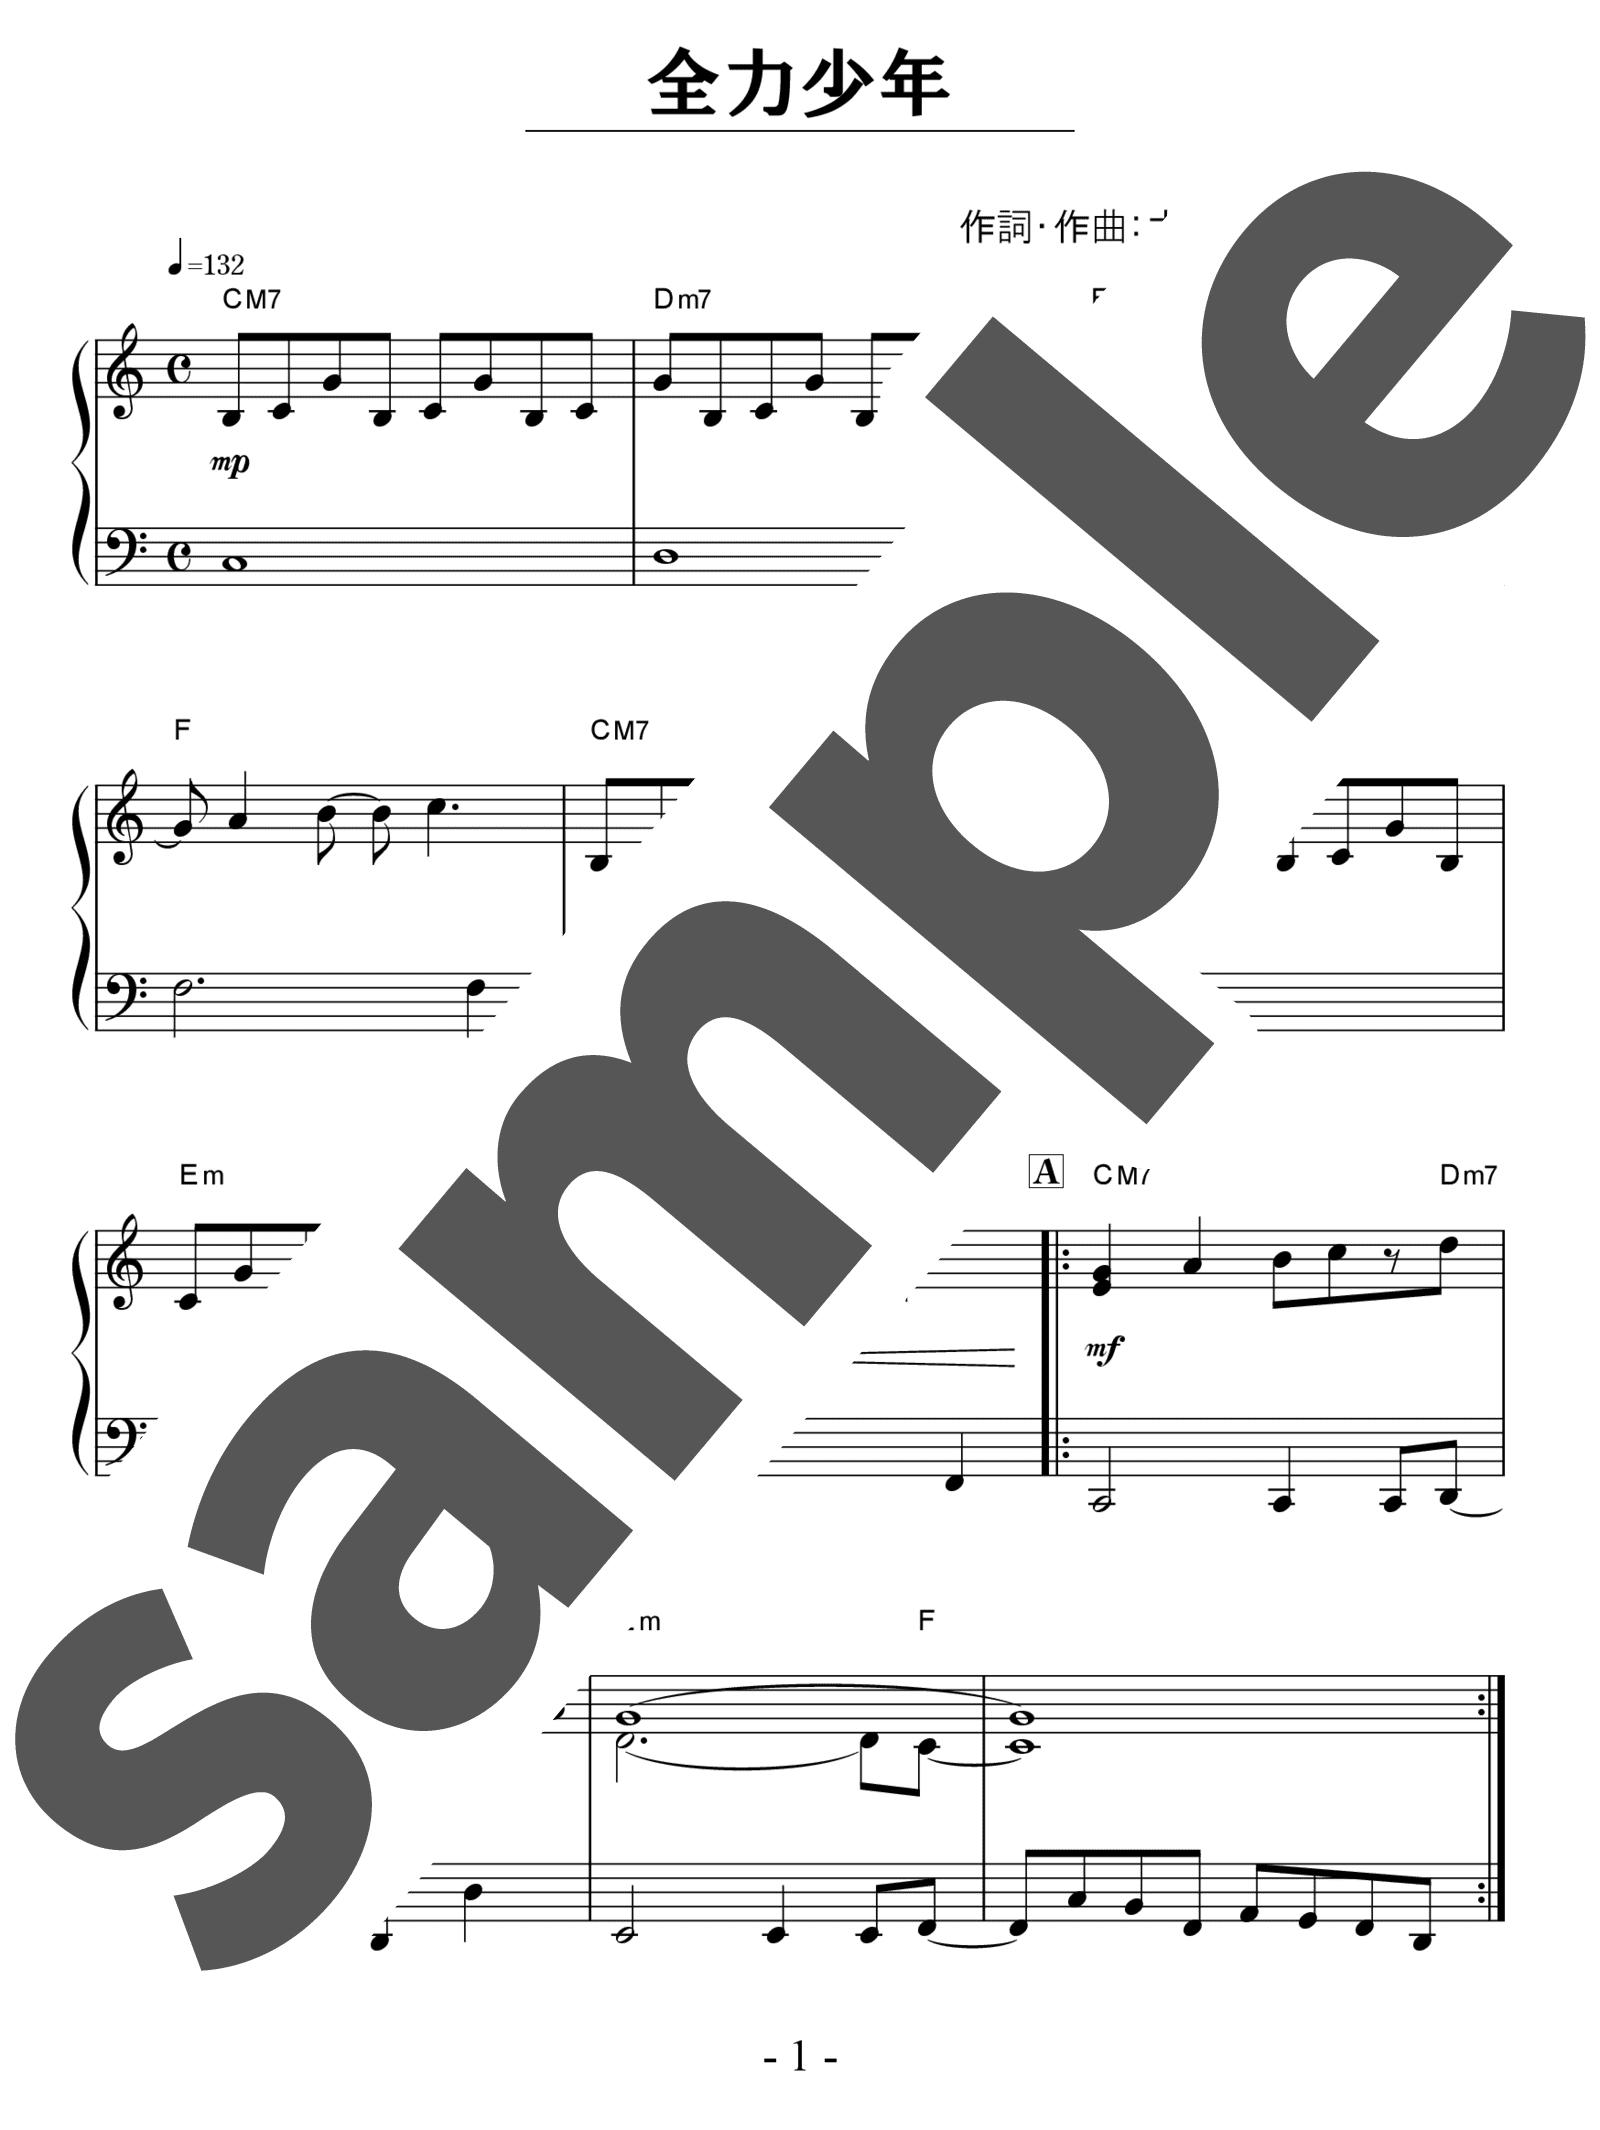 「全力少年」のサンプル楽譜